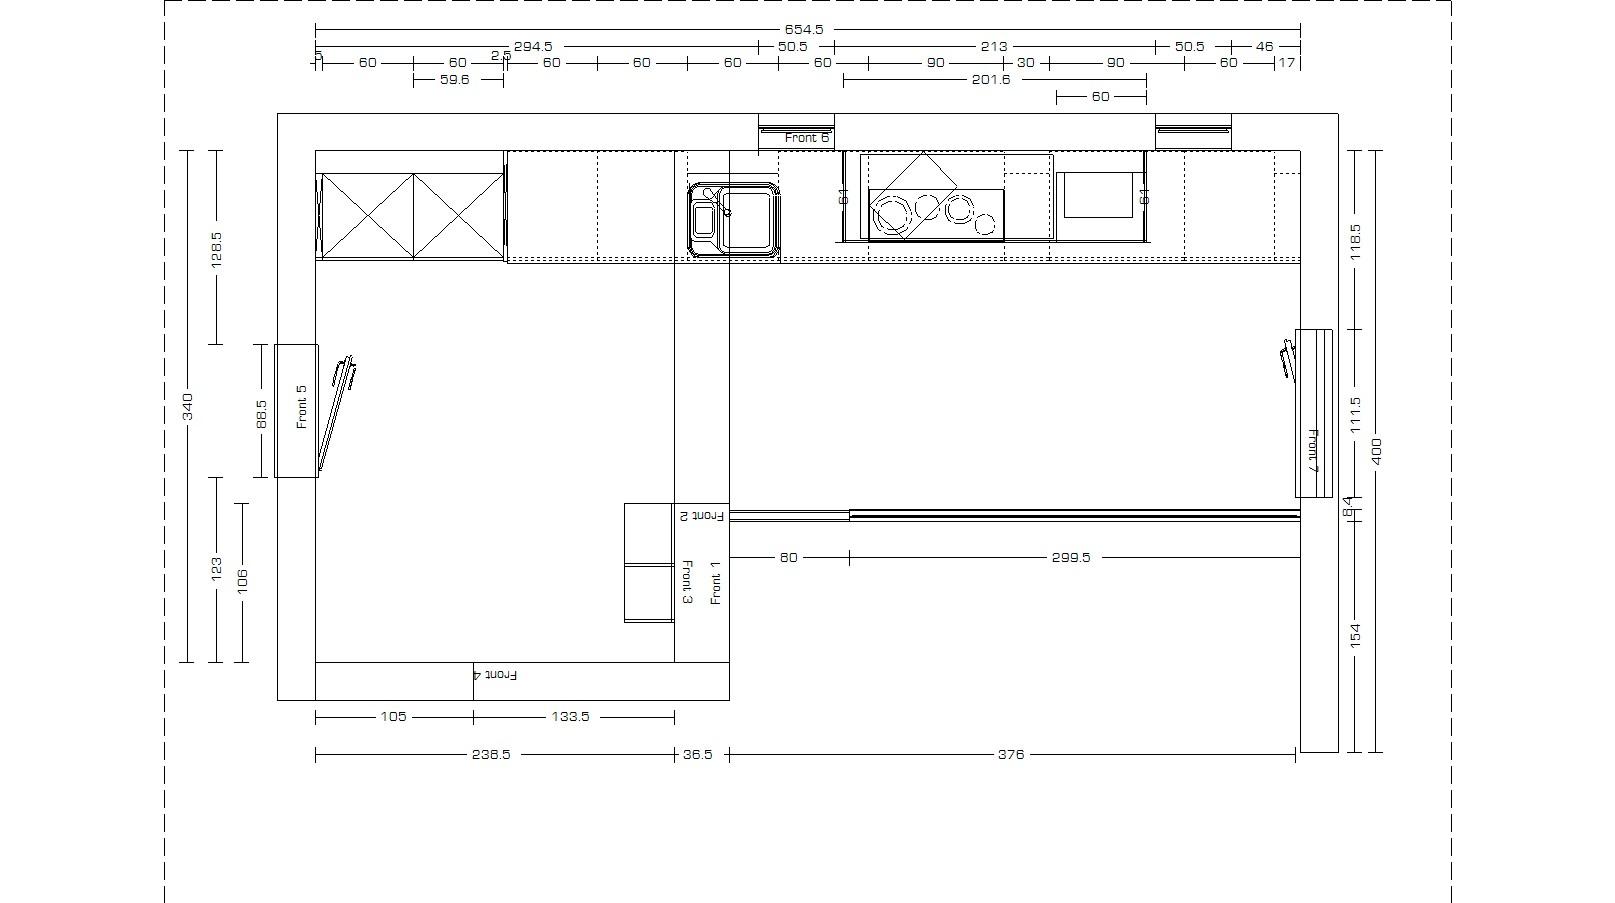 elektroplan olaf reinecke handelsagentur. Black Bedroom Furniture Sets. Home Design Ideas